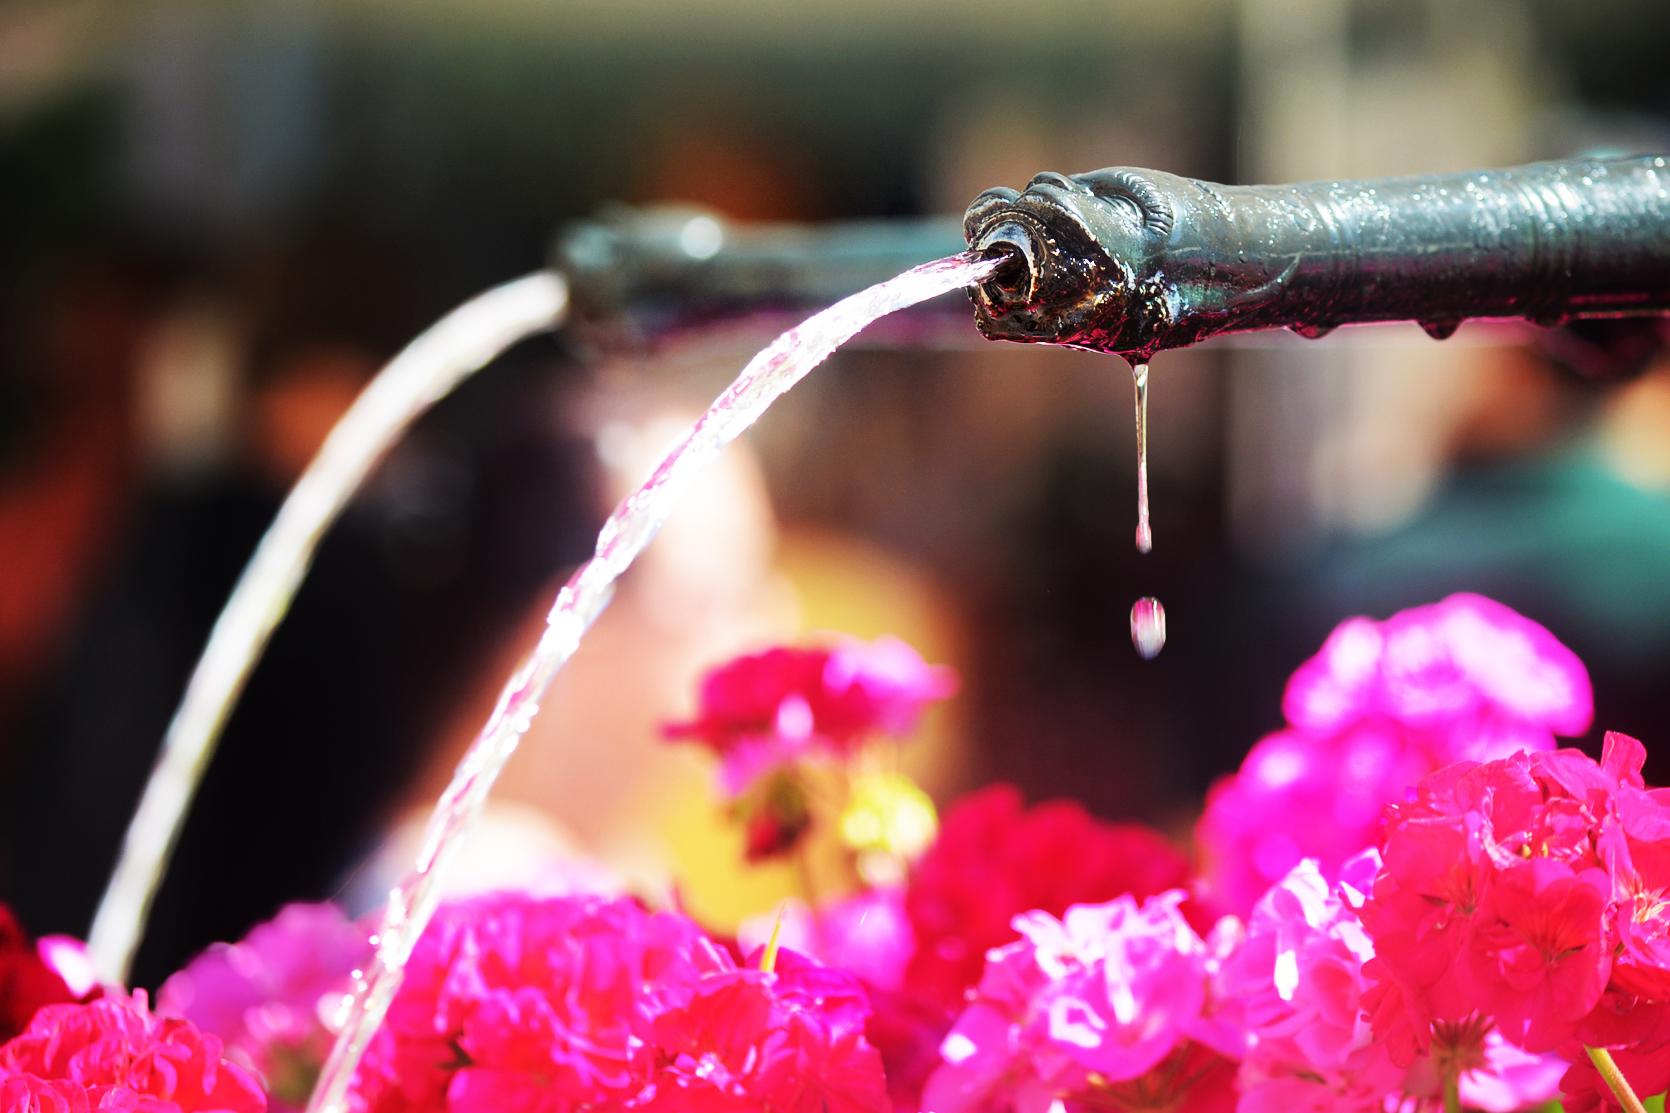 Kaum in der Altstadt angekommen sind die historischen Brunnen zu sehen, die aufwändig von der Stadtgärterei mit Blumen verziert wurden.